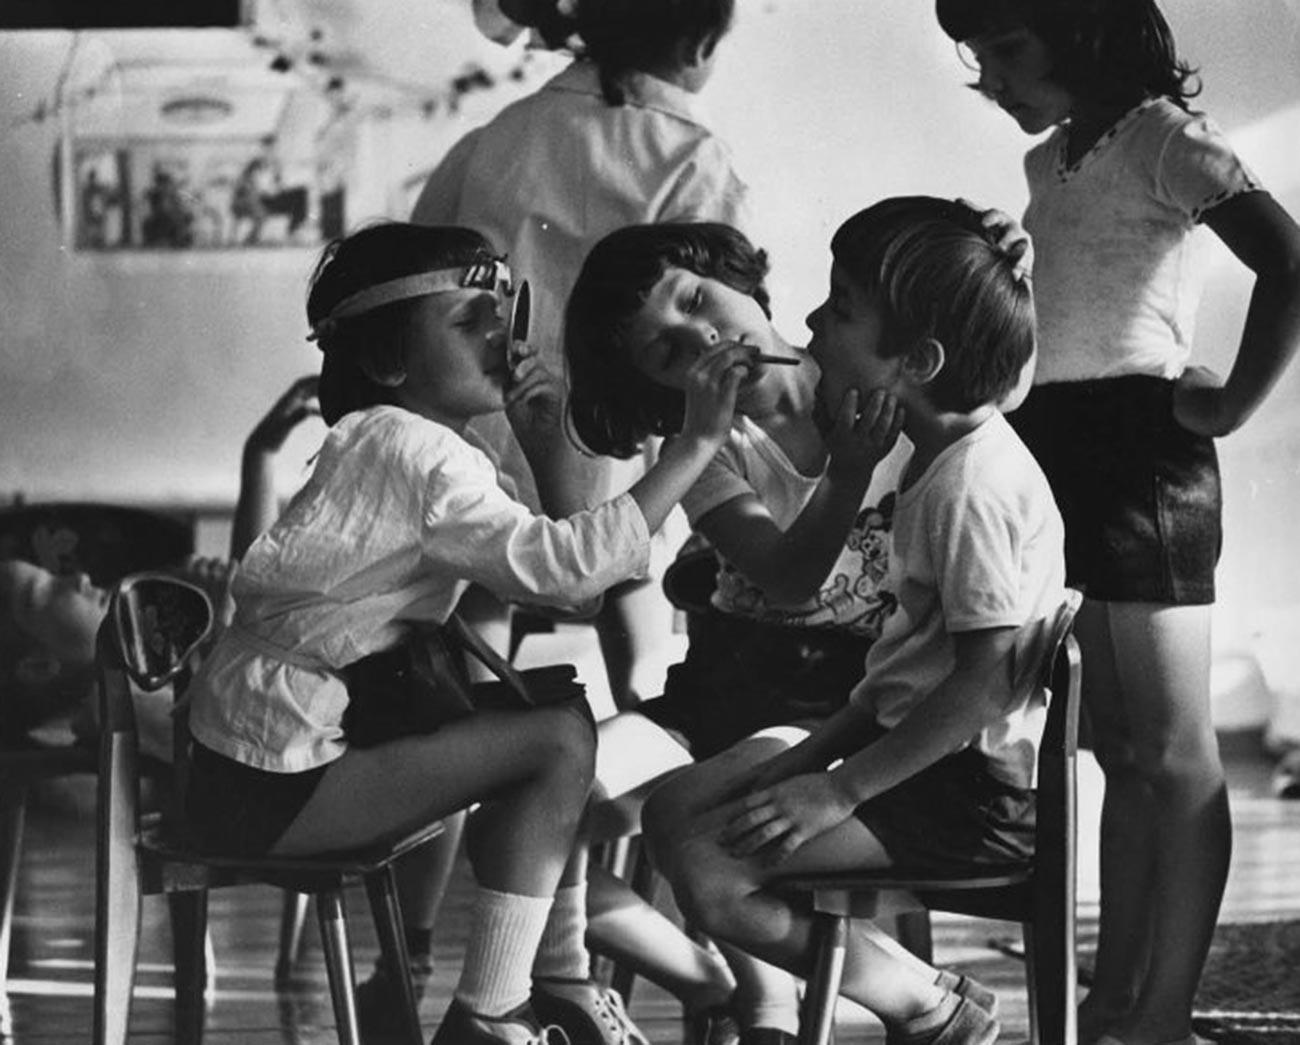 Anak-anak sedang bermain dokter-dokteran di taman kanak-kanak, 1985.